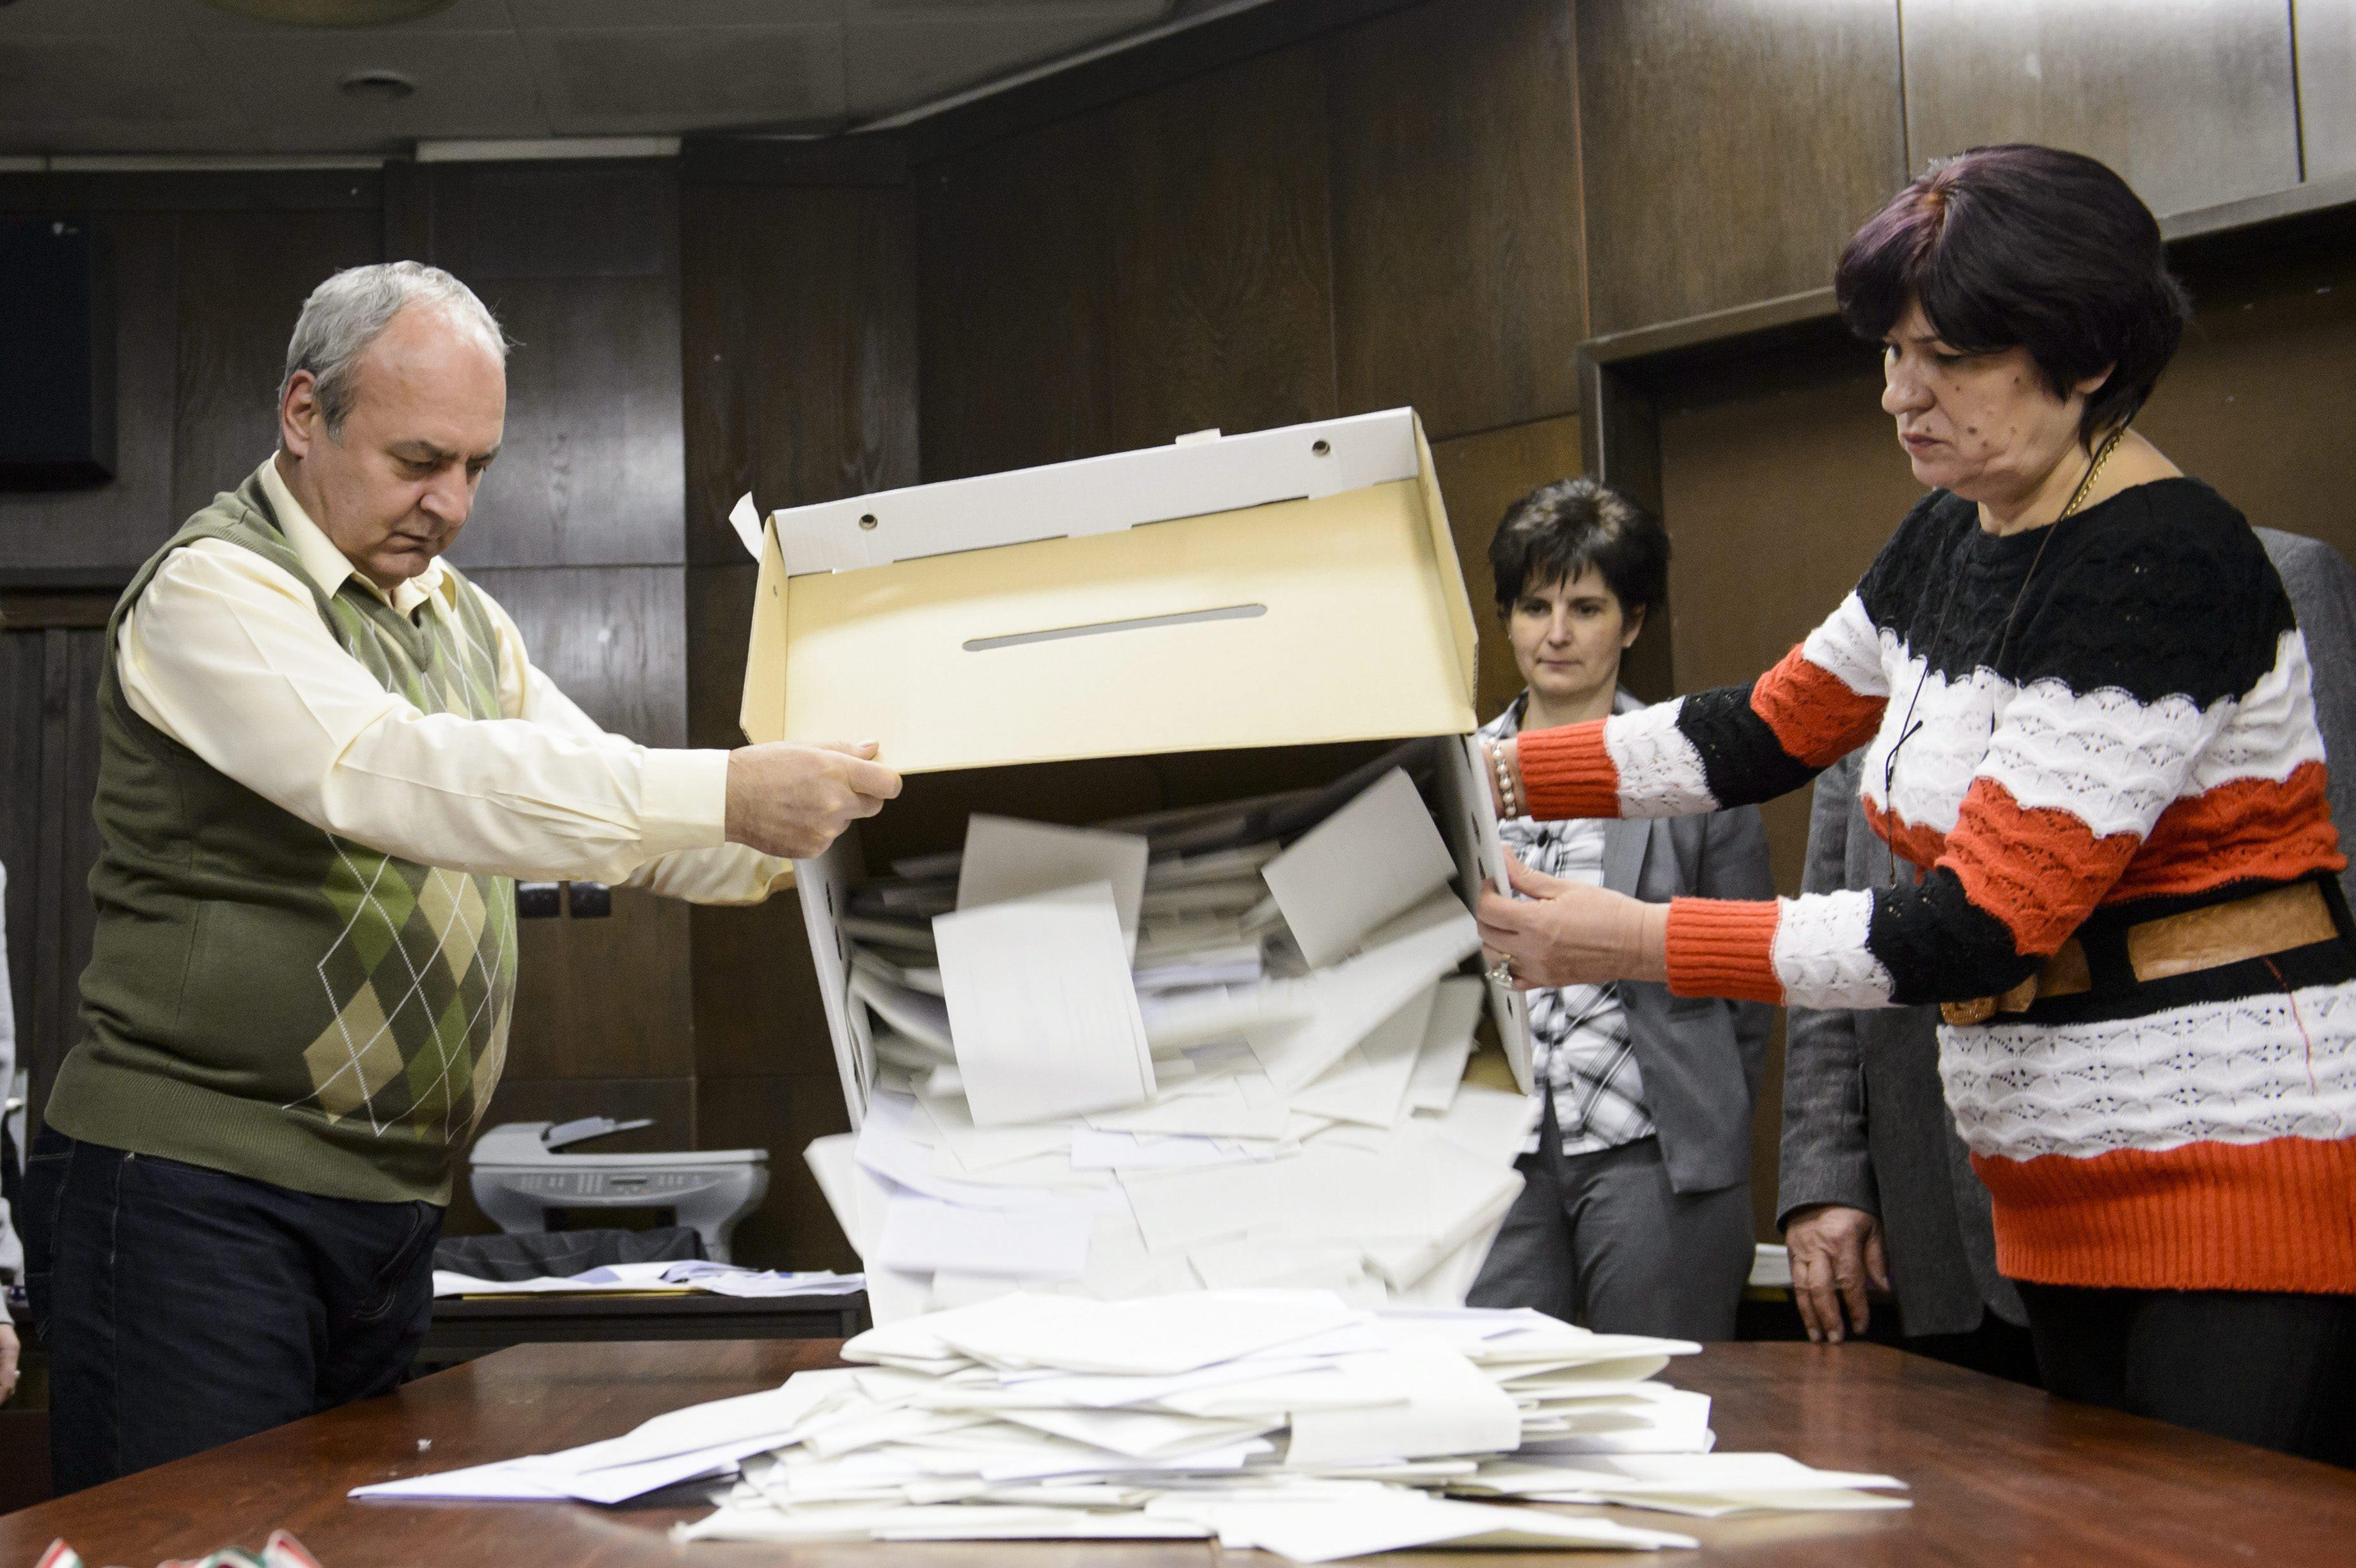 Hárommilliárd forint kampánytámogatást kaphatnak a kamupártok